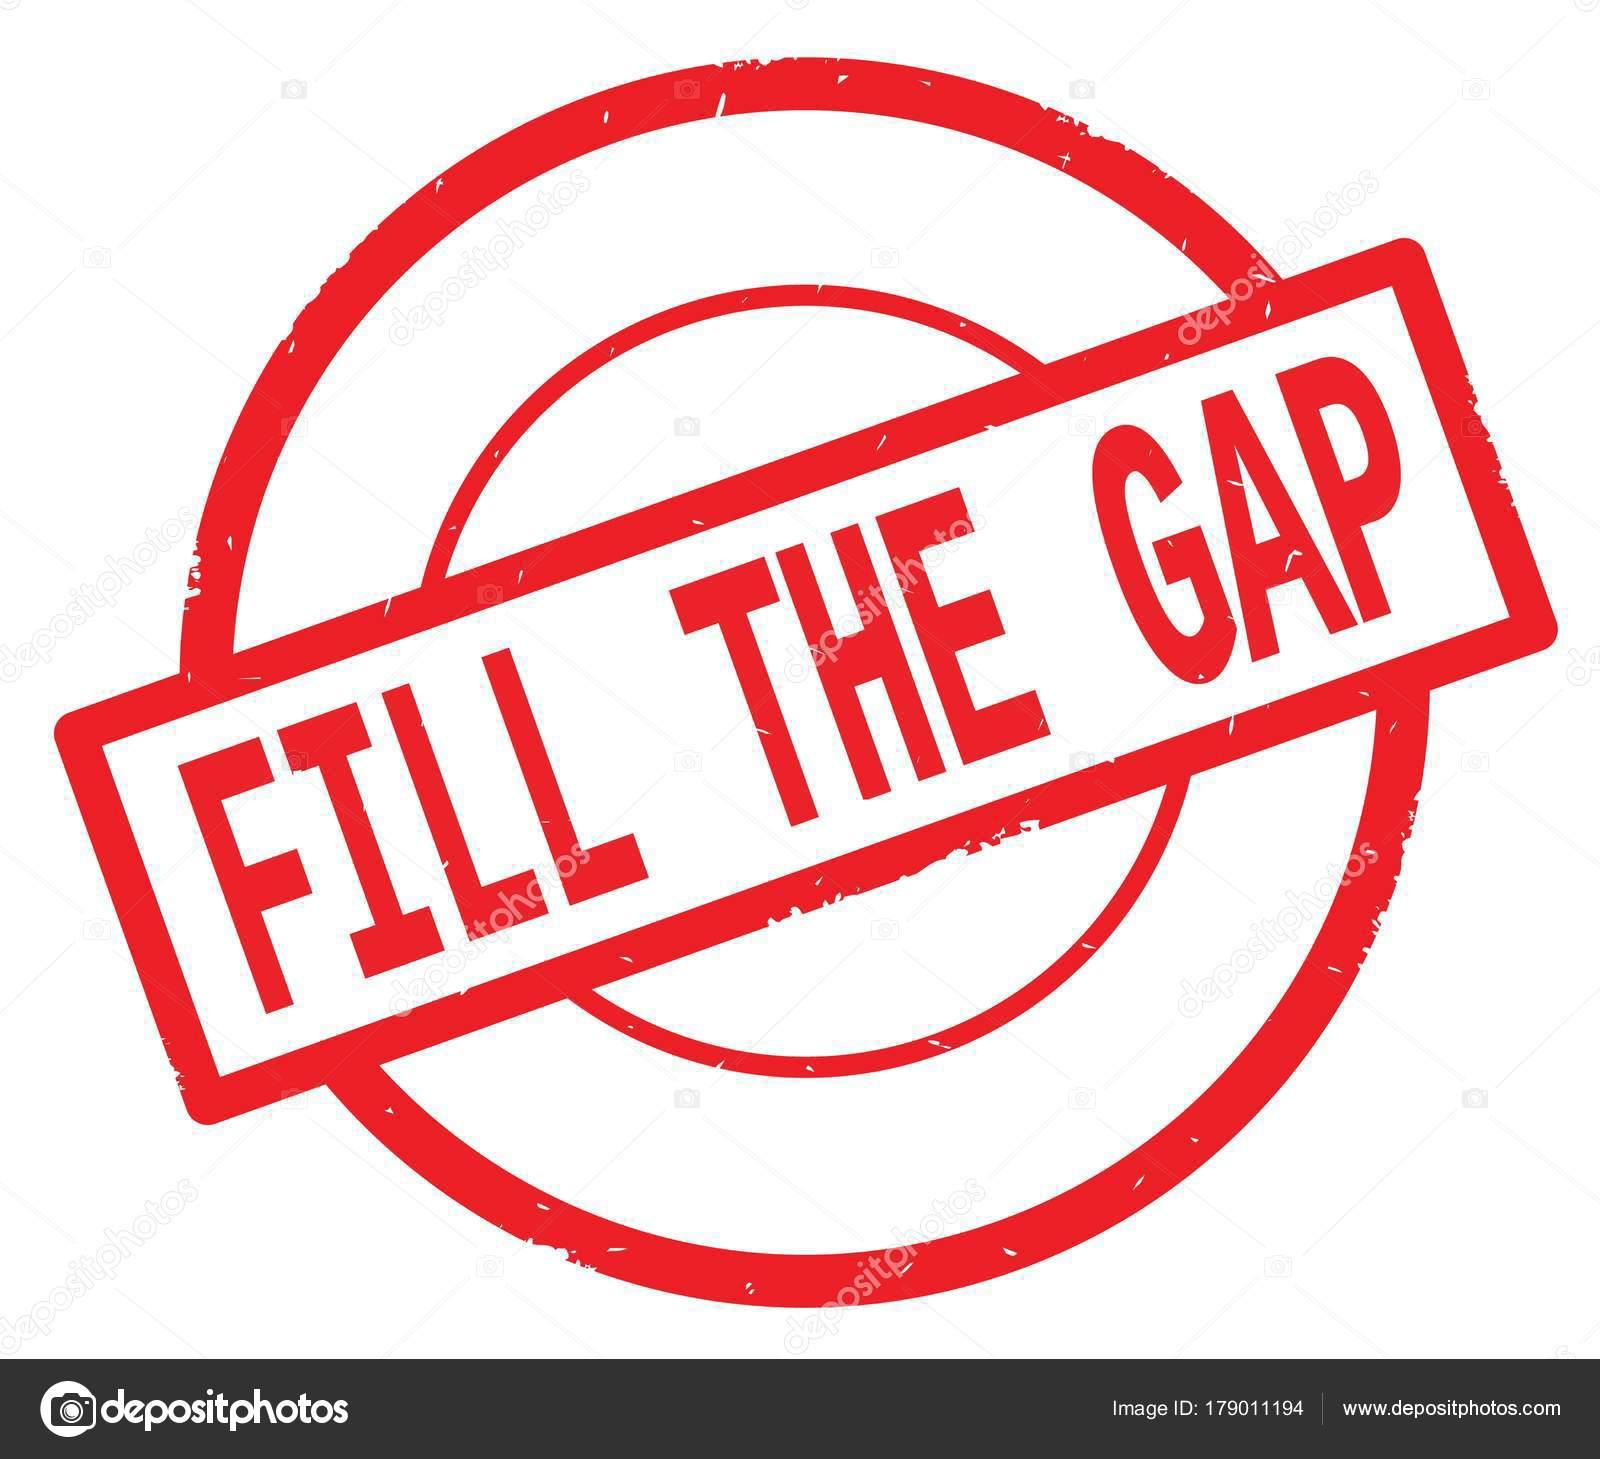 preencher o texto the gap escrito num selo vermelho círculo simples